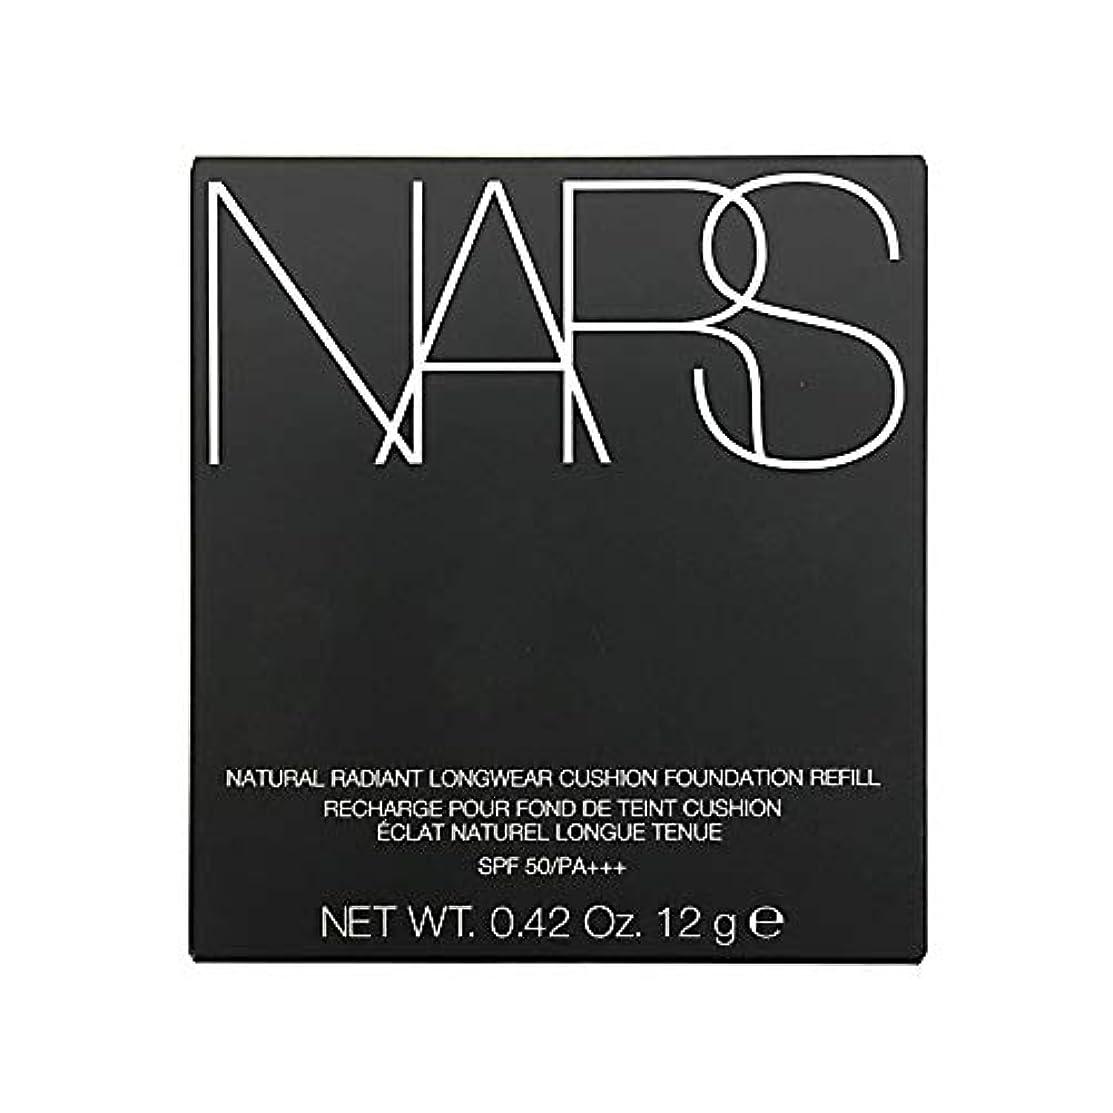 救いライセンス以降ナーズ/NARS ナチュラルラディアント ロングウェア クッションファンデーション(レフィル)#5877 [ クッションファンデ ] [並行輸入品]